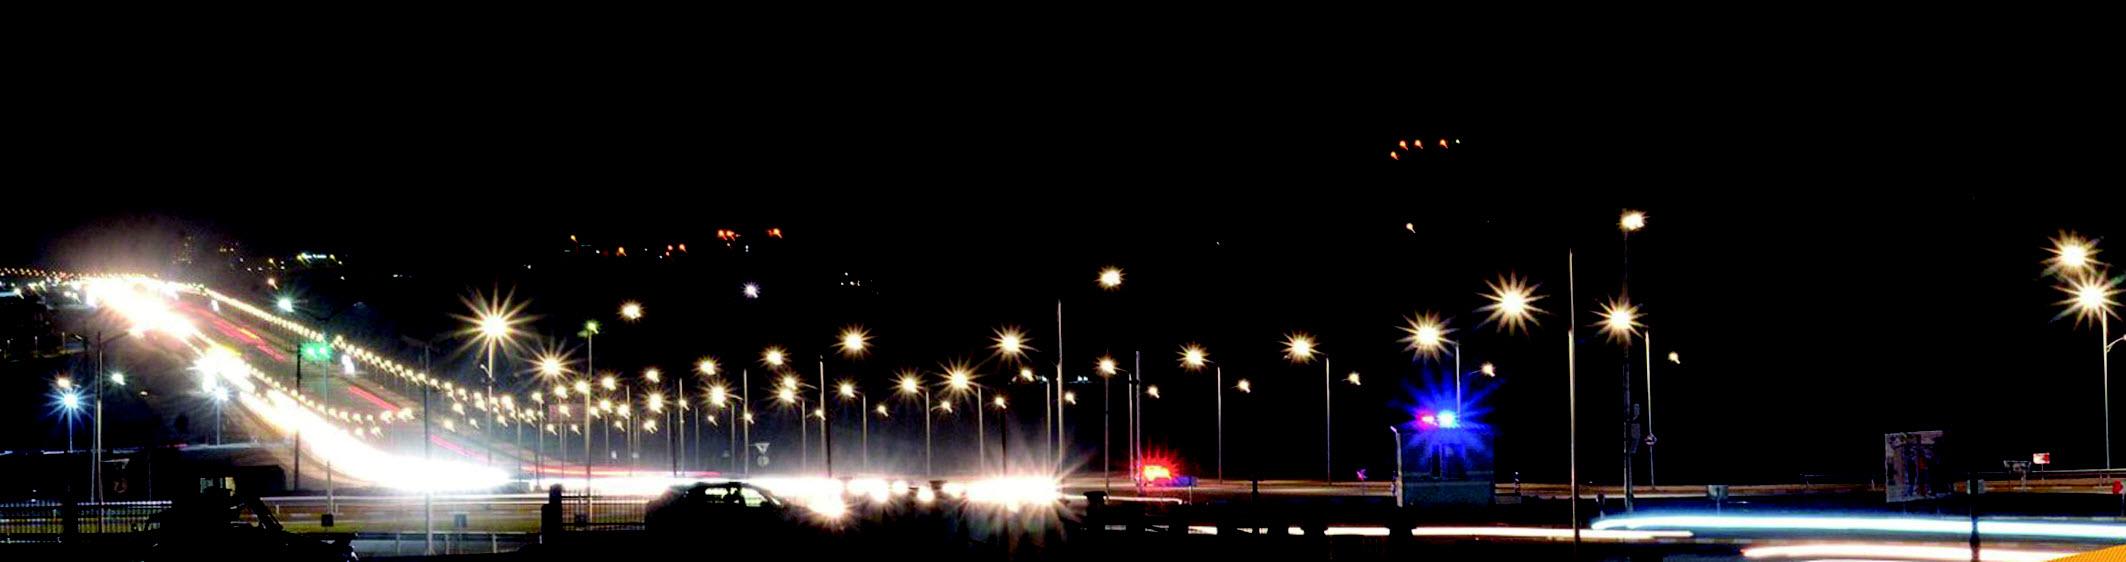 Oświetlenie uliczne z technologią Acrich zamontowane w Ułan Bator, stolicy Mongolii